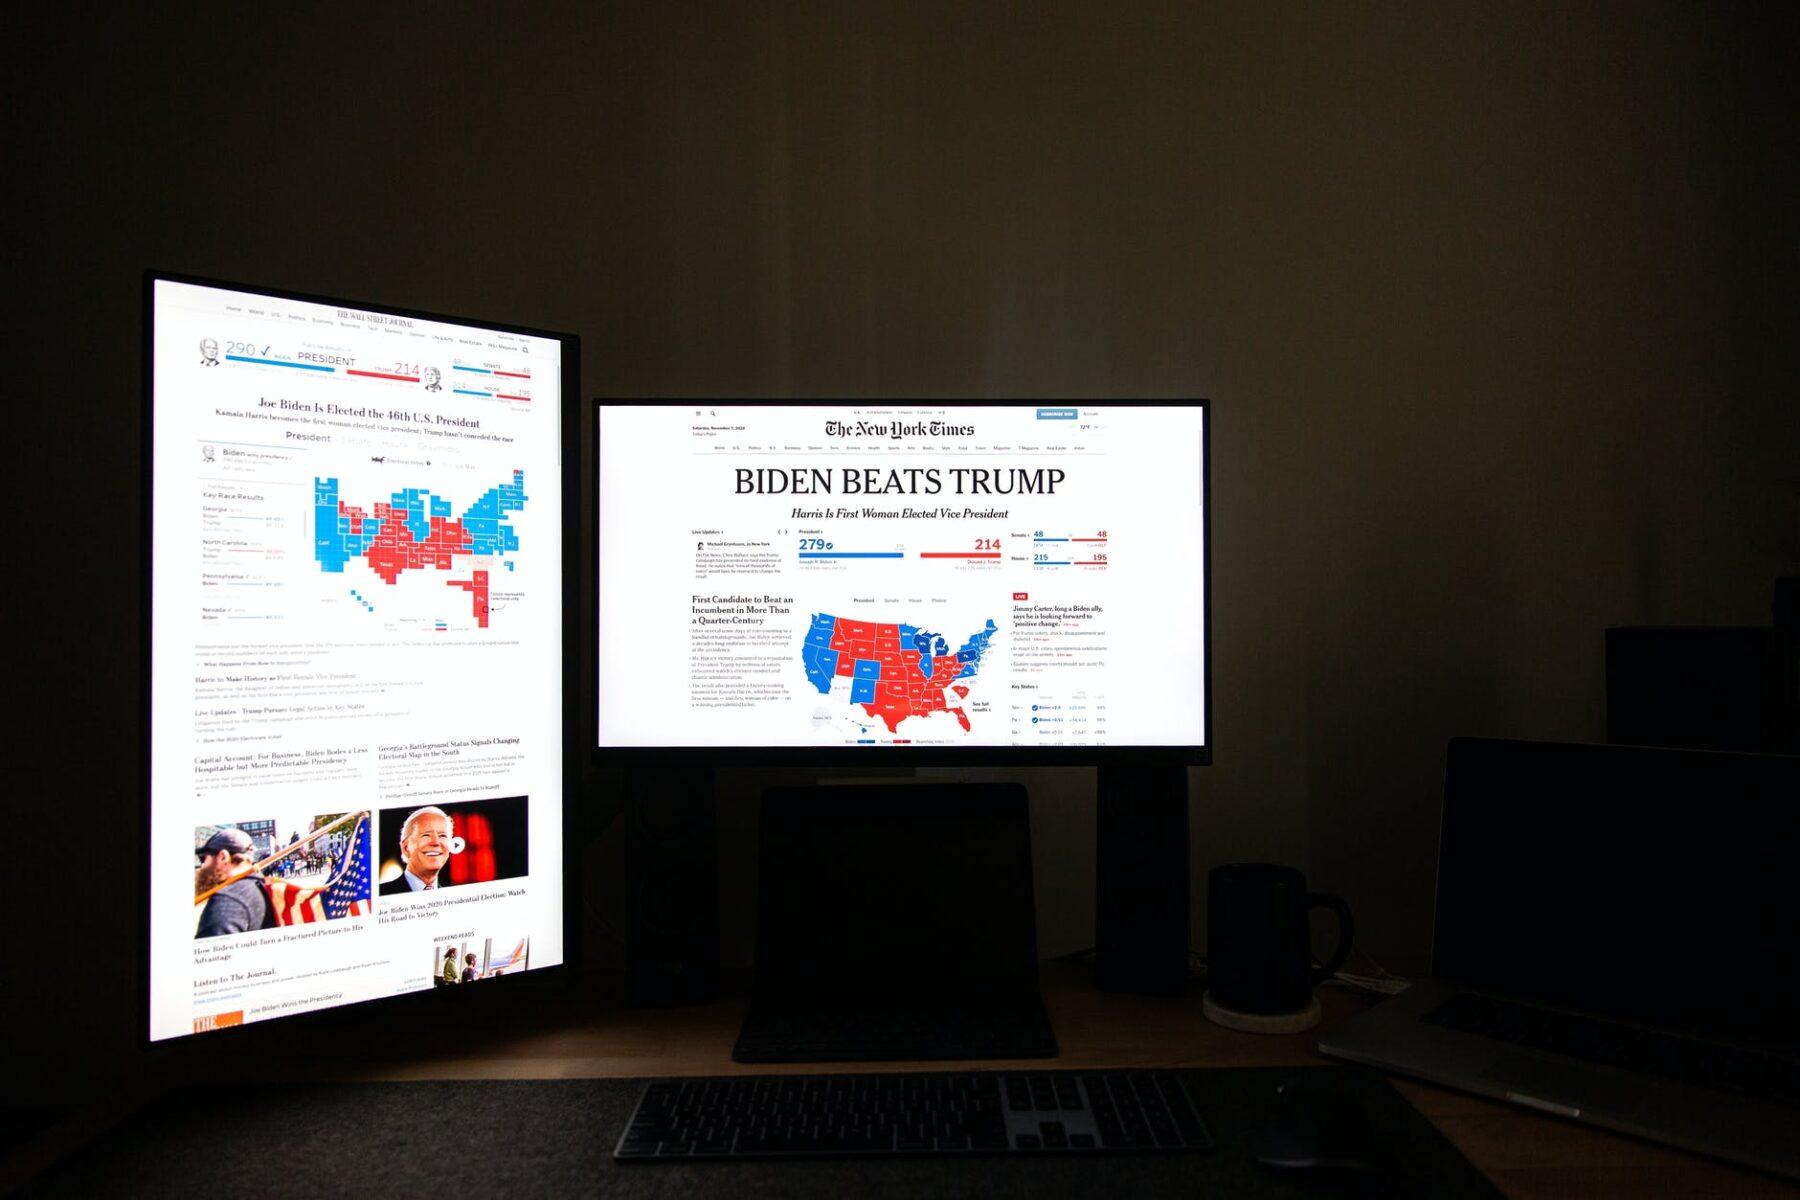 Joe Biden będzie 46. prezydentem Stanów Zjednoczonych – nowe wydanie Ekspresu Amerykańskiego